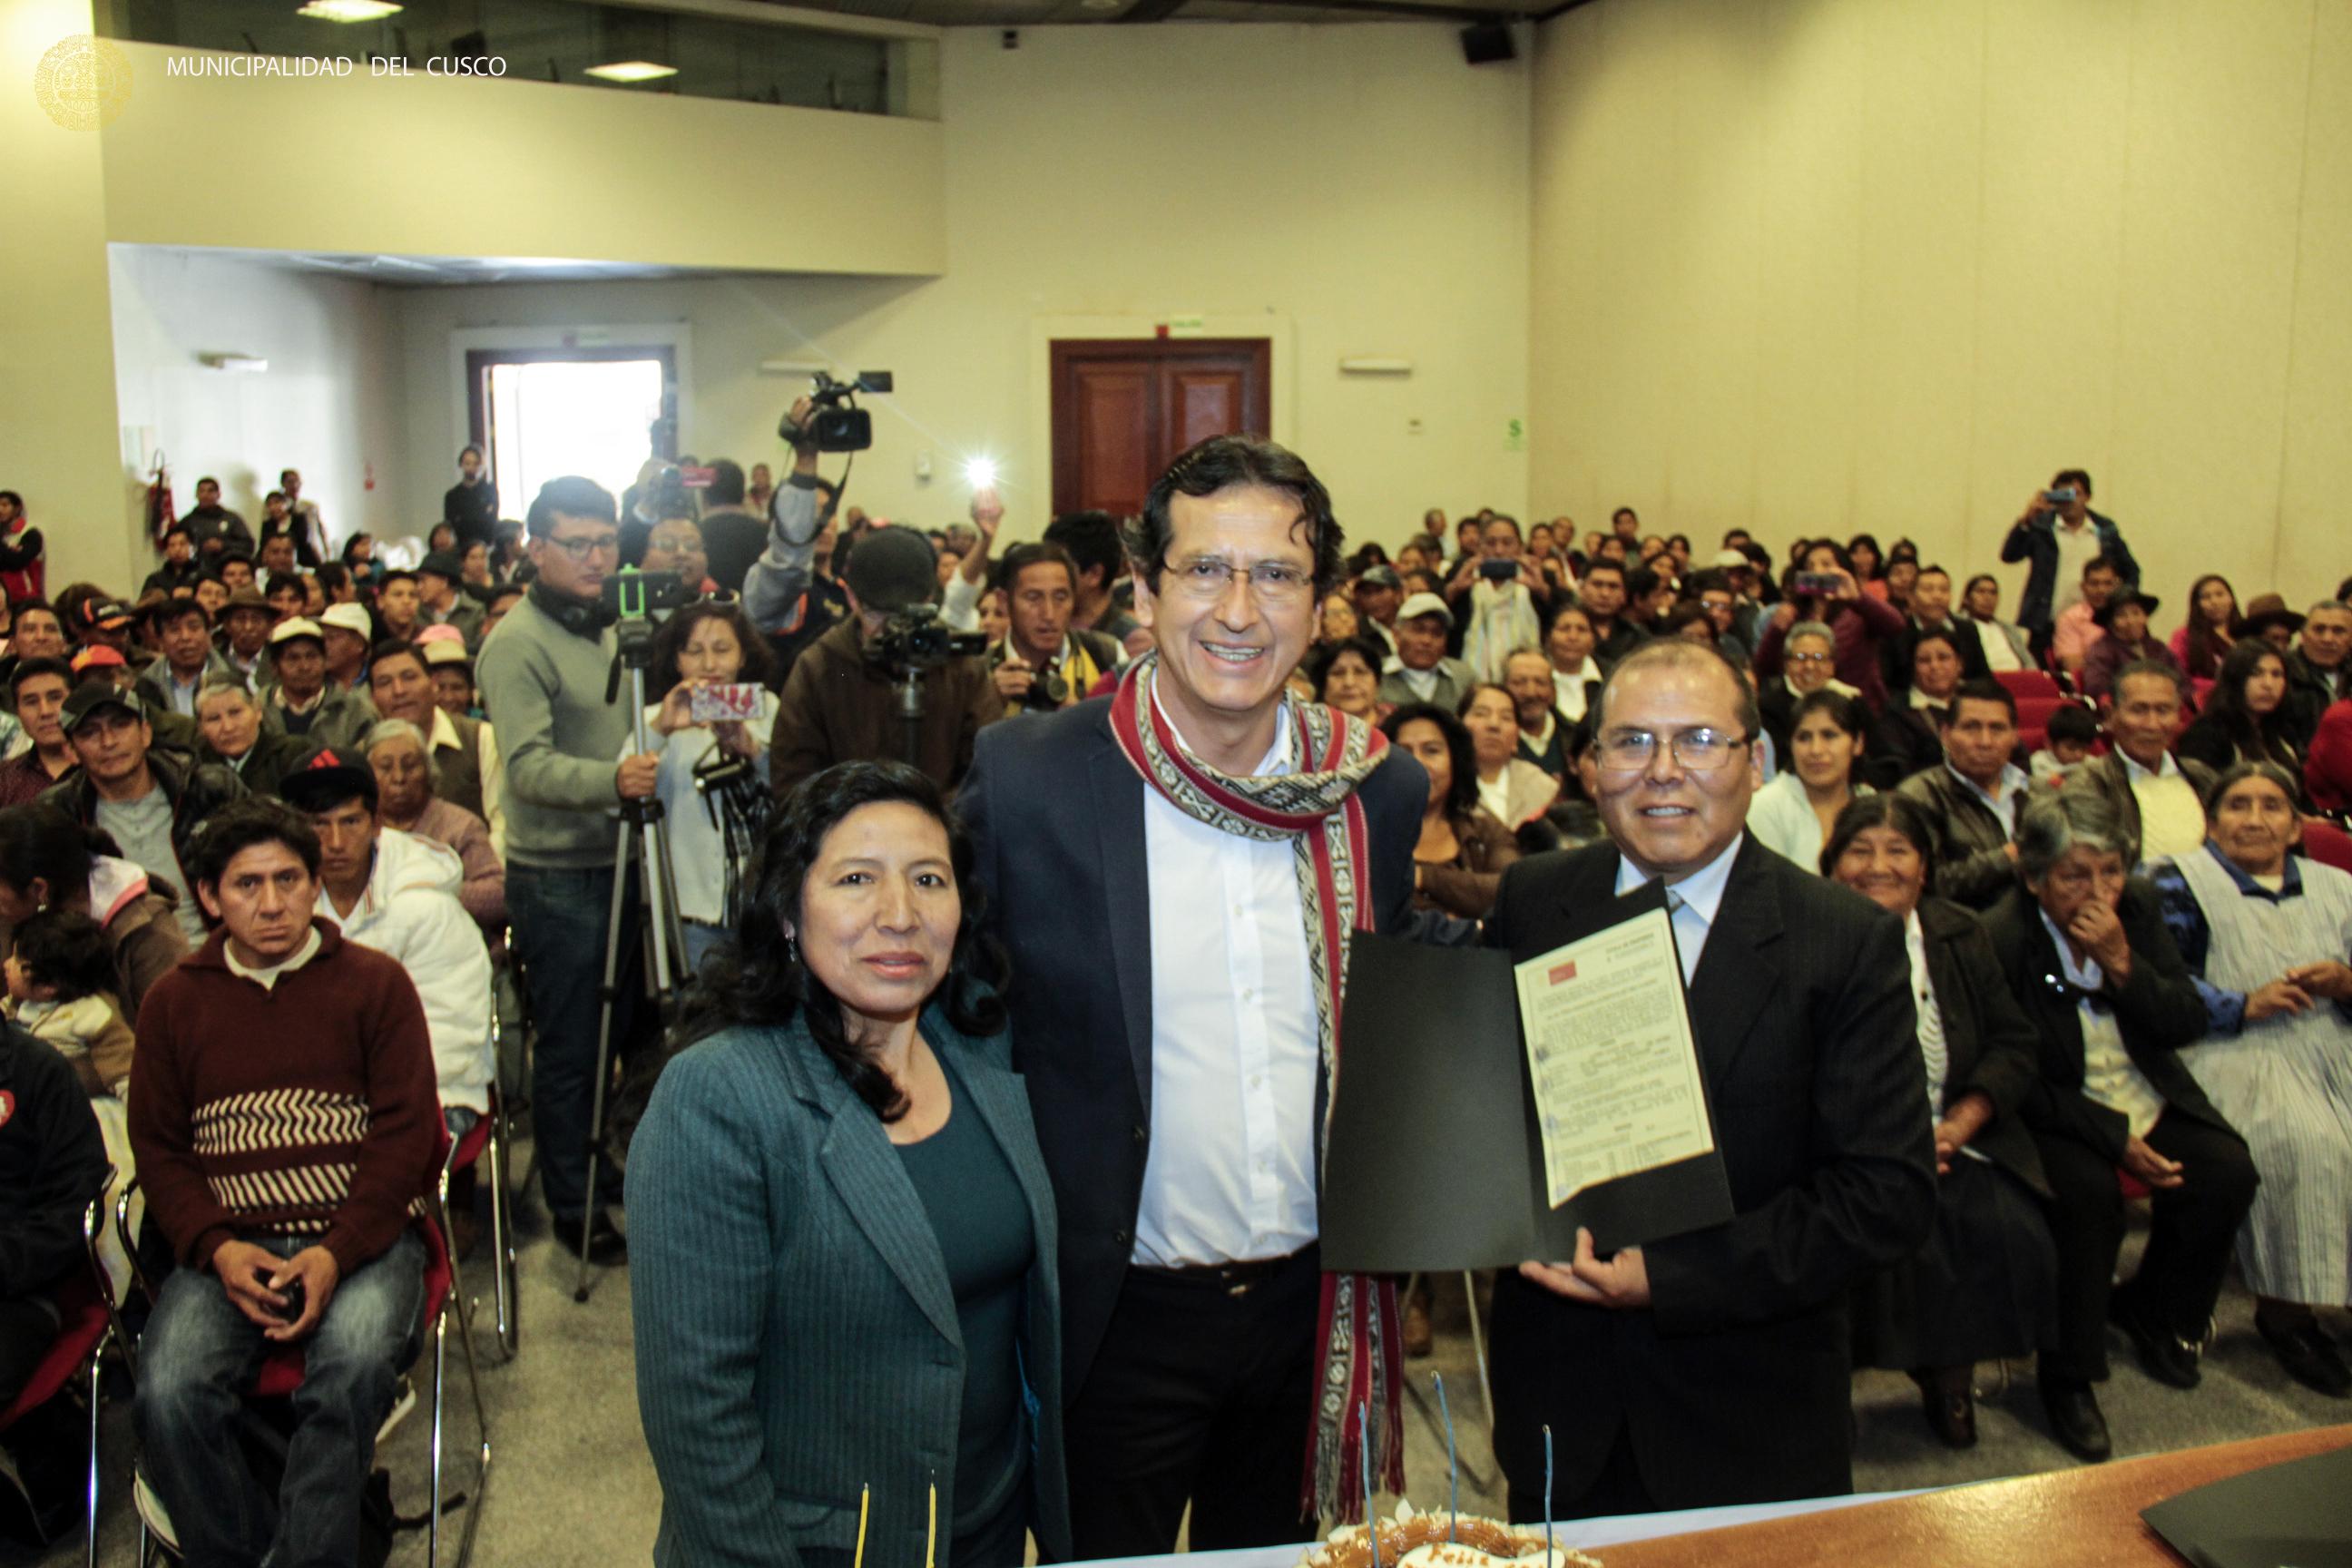 MUNICIPALIDAD PROVINCIAL DEL CUSCO ENTREGO 150 TÍTULOS DE PROPIEDAD LUEGO DE 40 AÑOS DE ESPERA